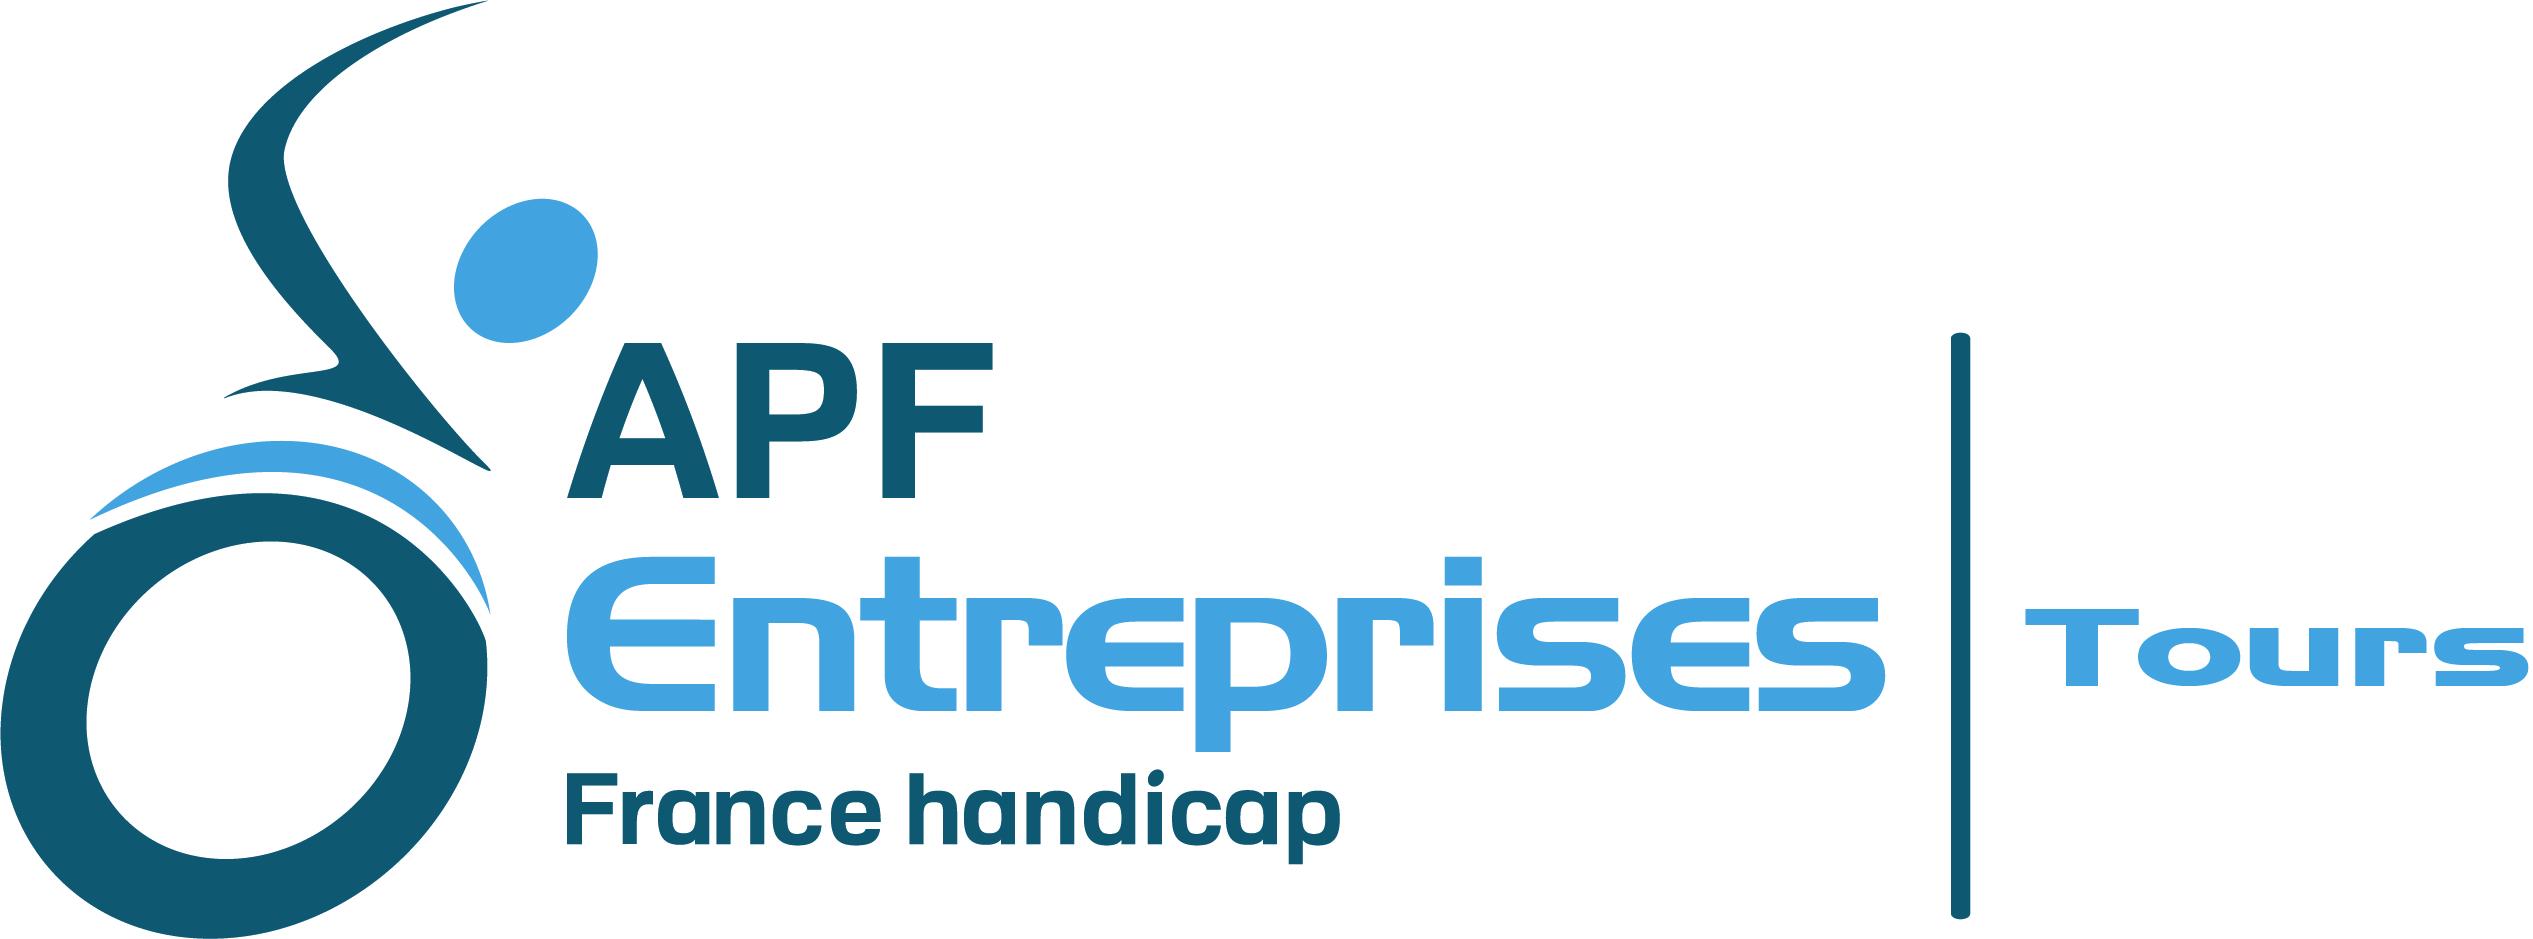 logo de APF ENTREPRISES TOURS